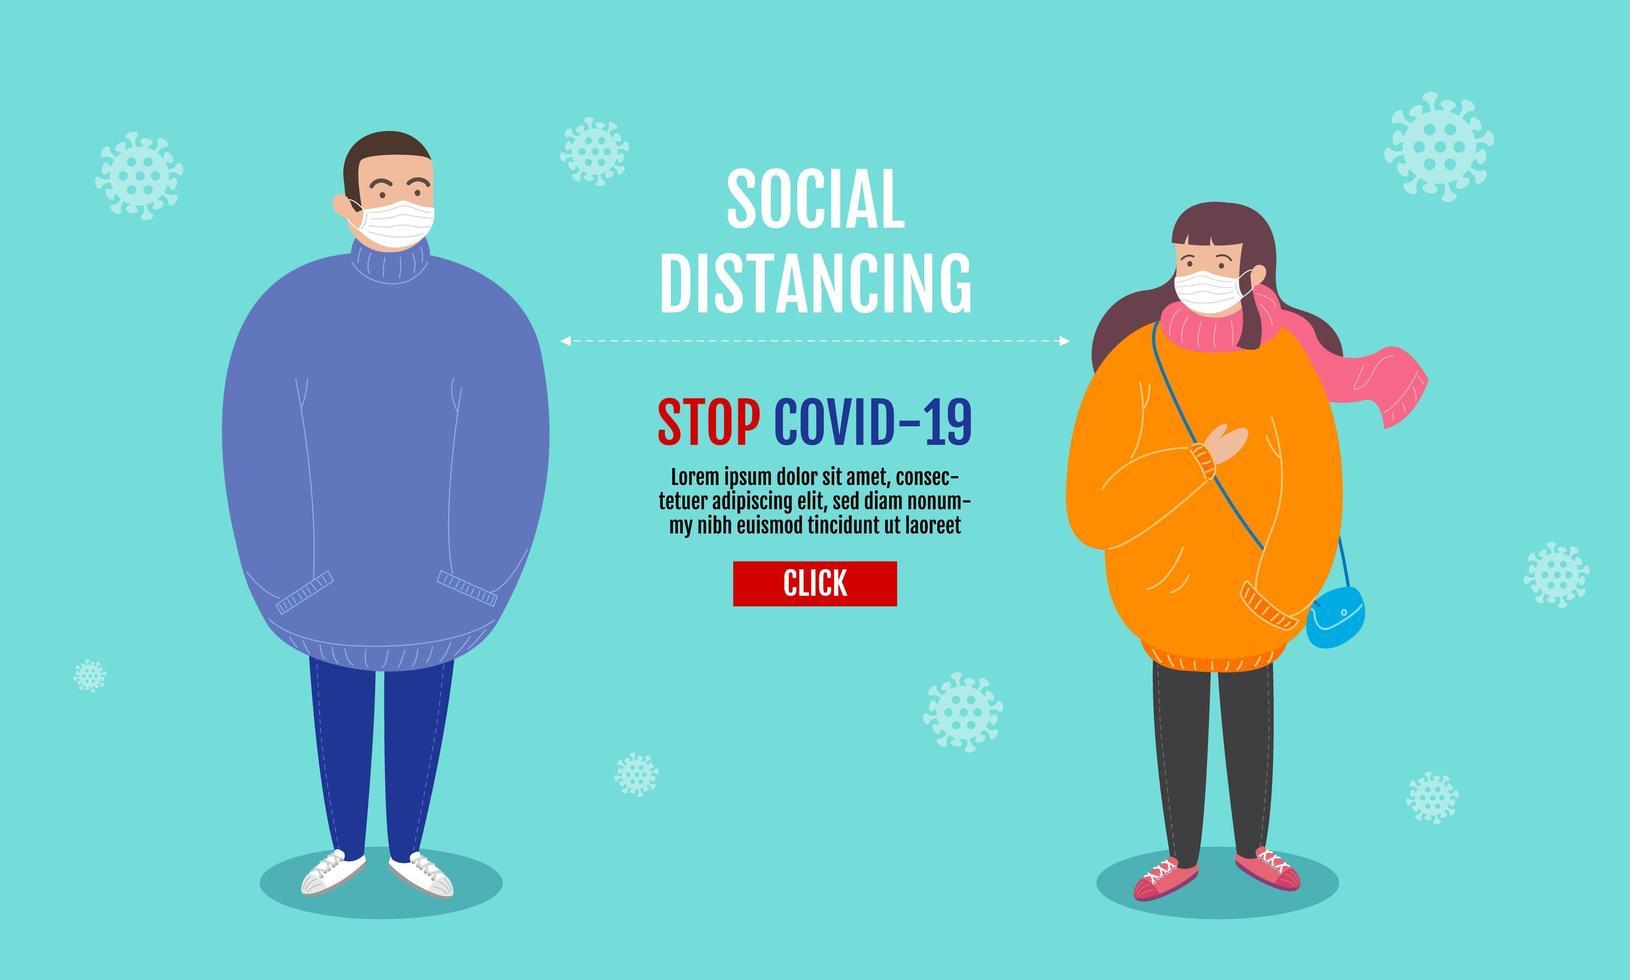 Zielseite für soziale Distanzierung vektor